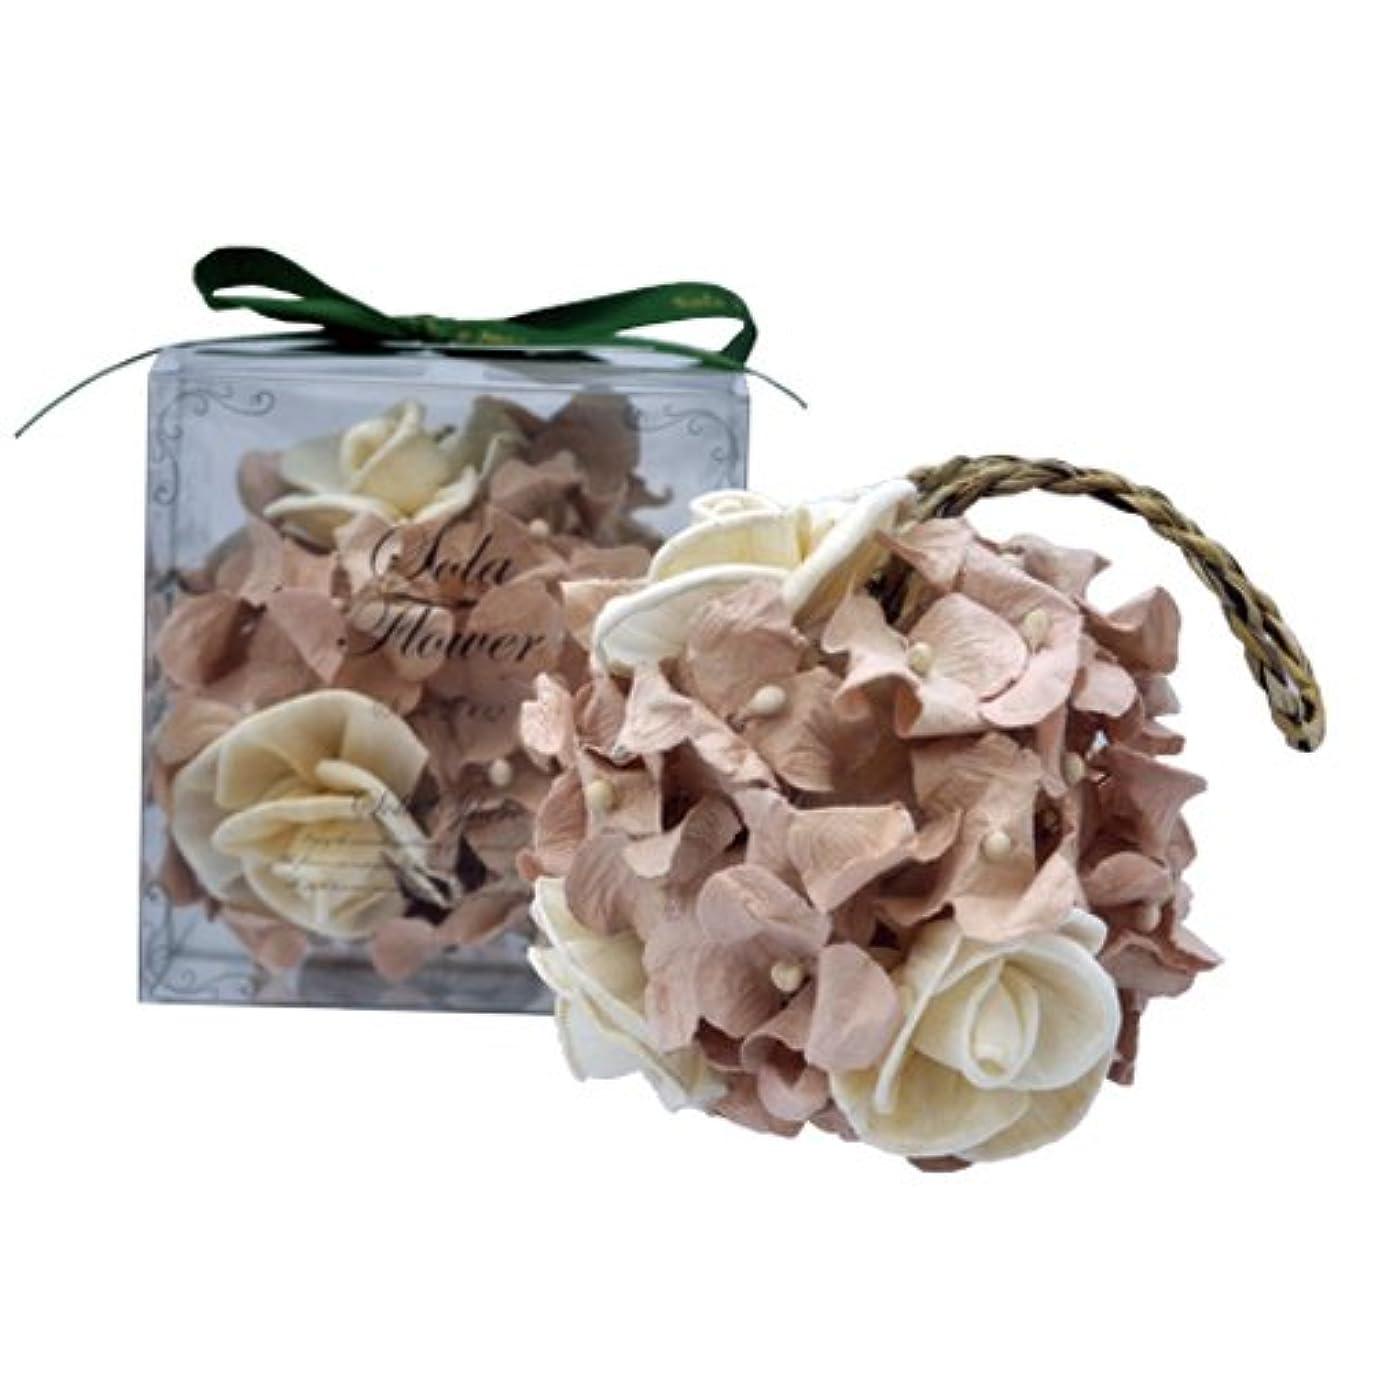 つば追い付く怠惰new Sola Flower ソラフラワー スフィア Gentle Rose ジェントルローズ Sphere